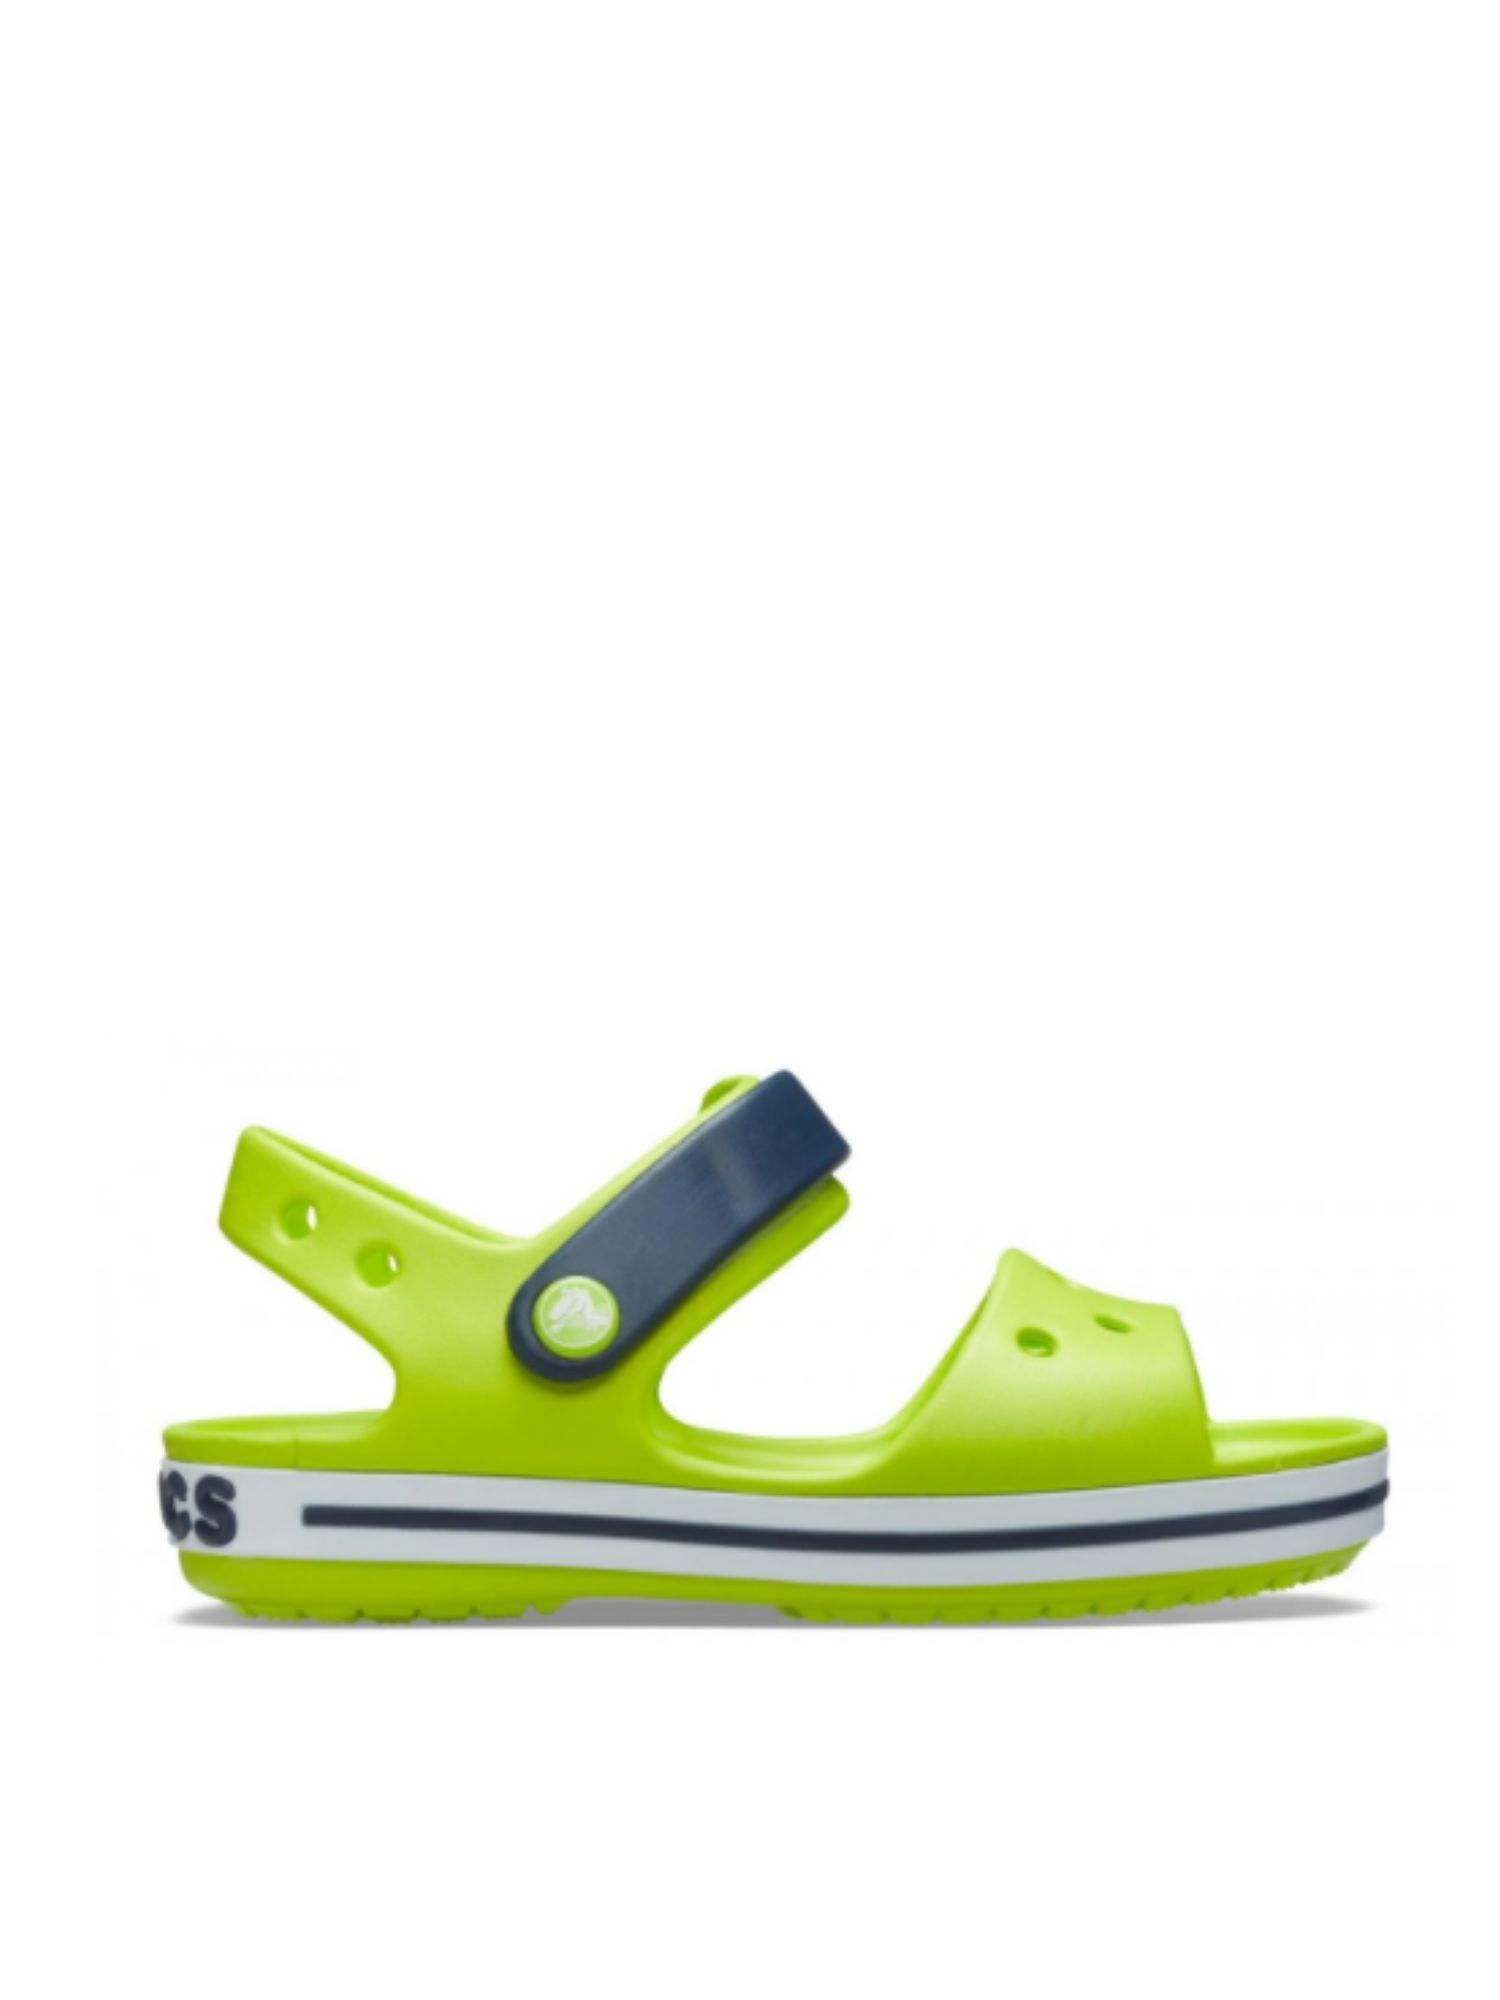 Sandalo Crocs bambino Crocband Sandalo K 12856